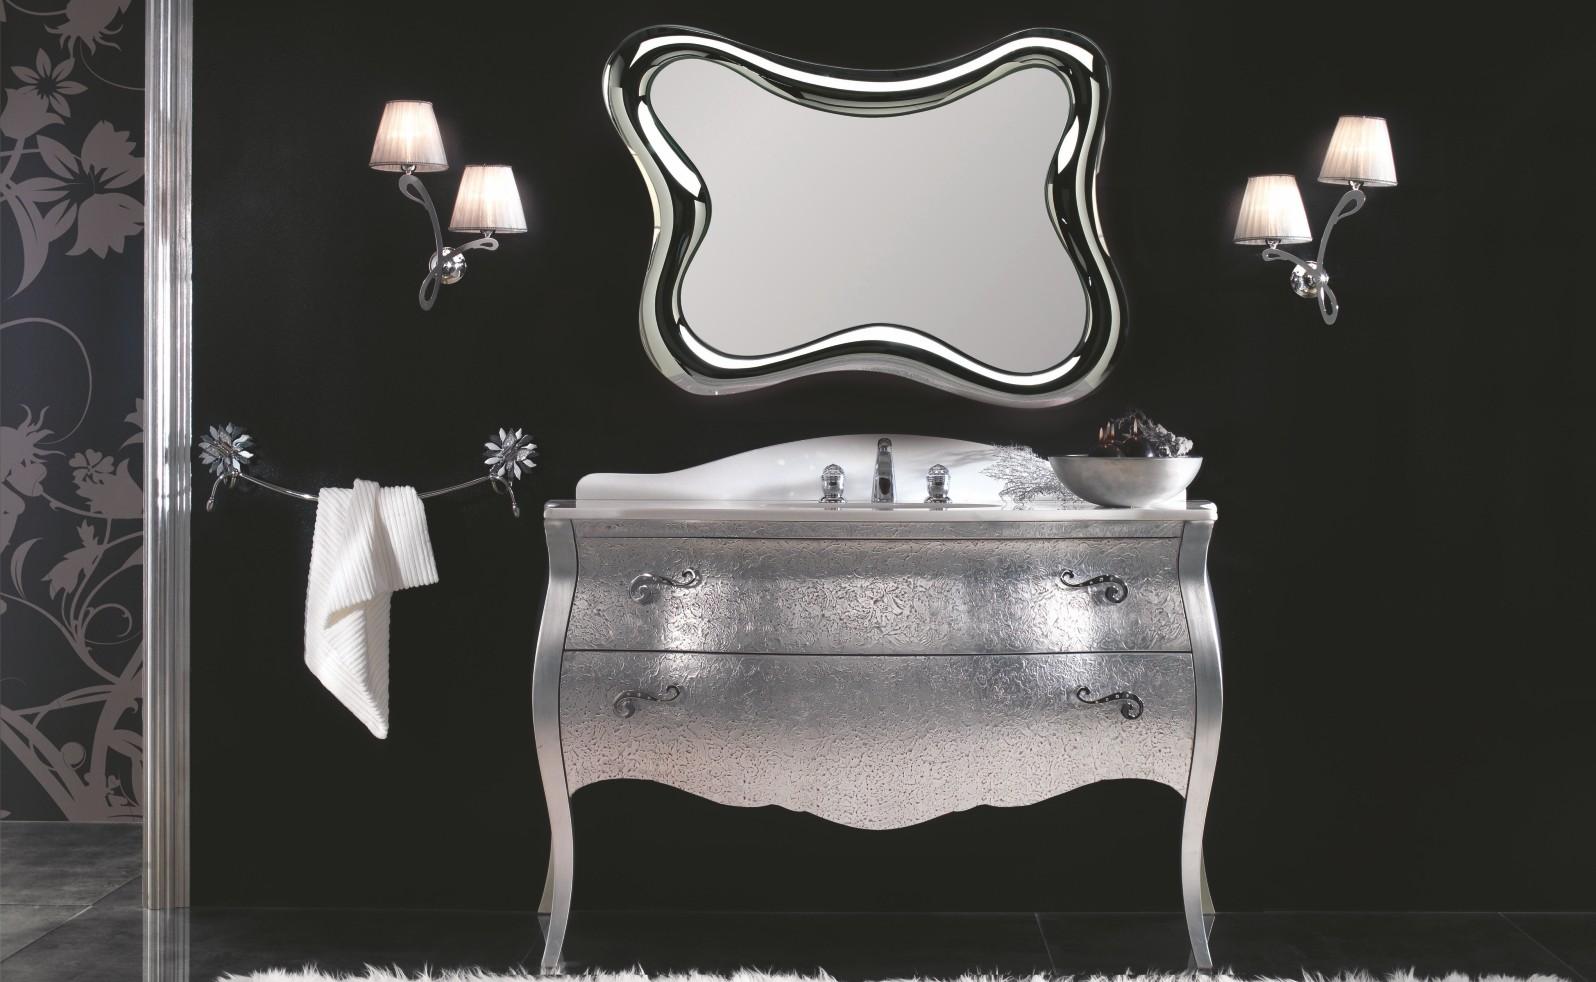 Arredo bagno foglia argento for Etrusca arredo bagno